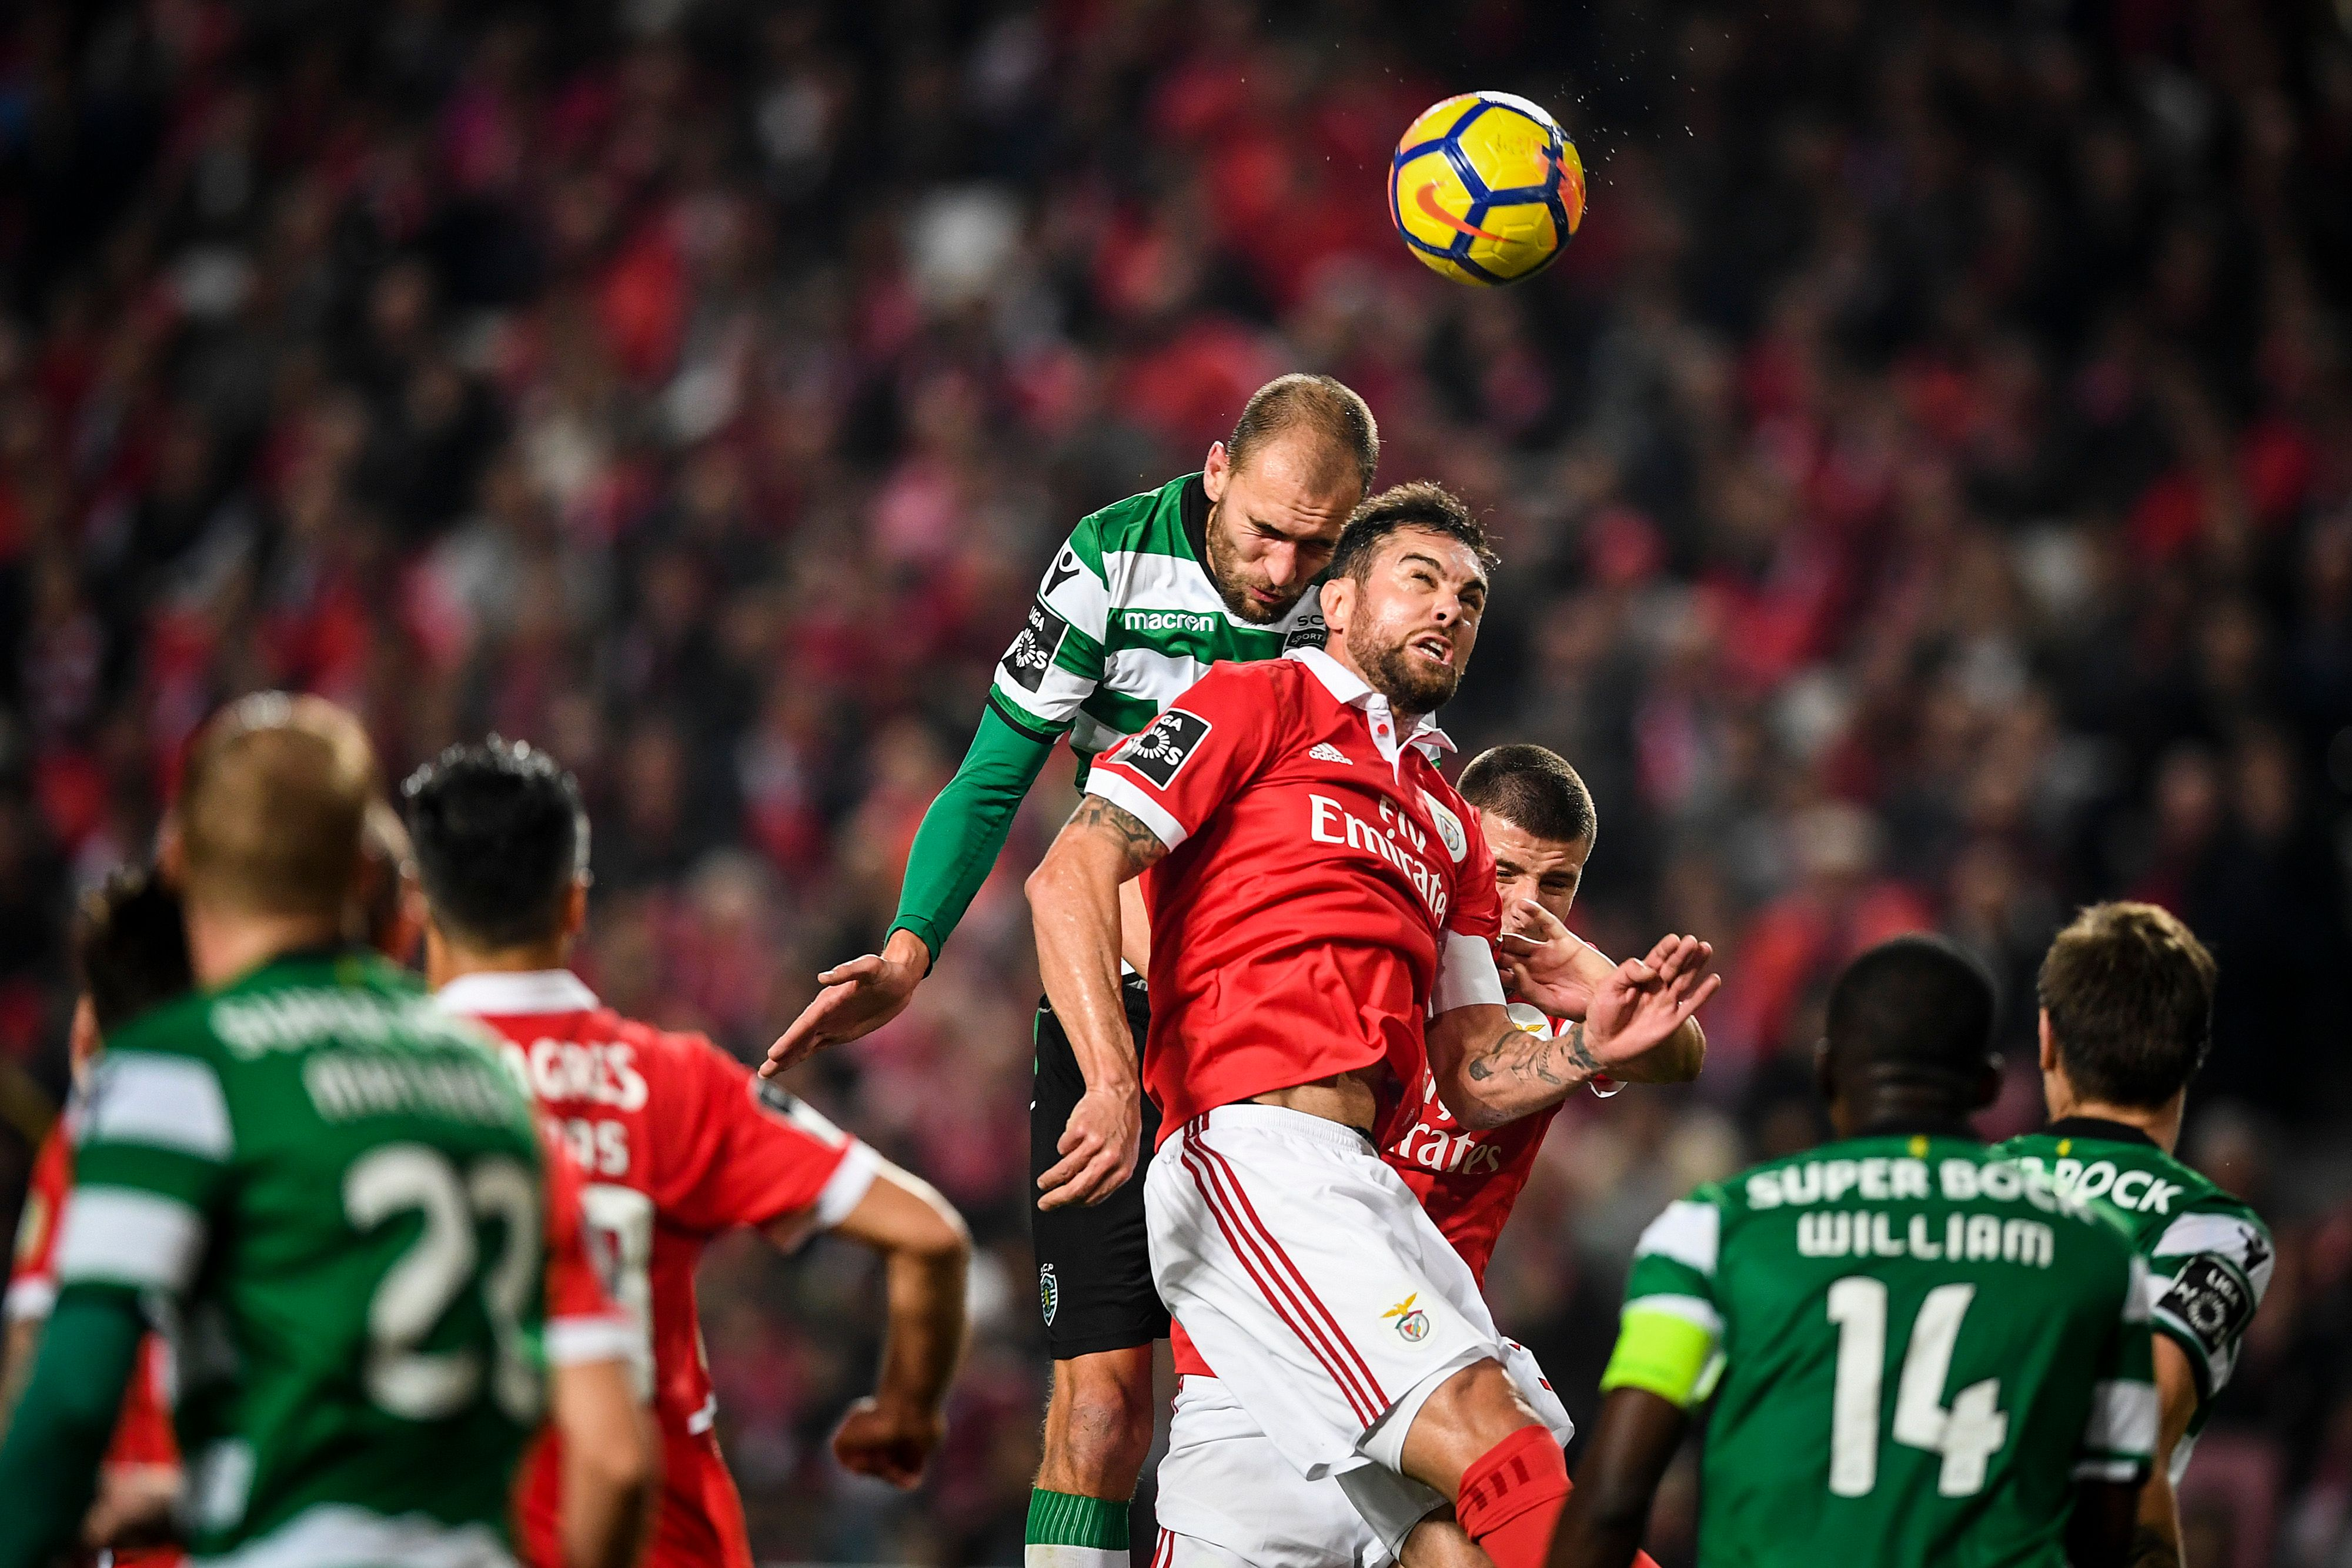 Resultado é muito pior para o Benfica